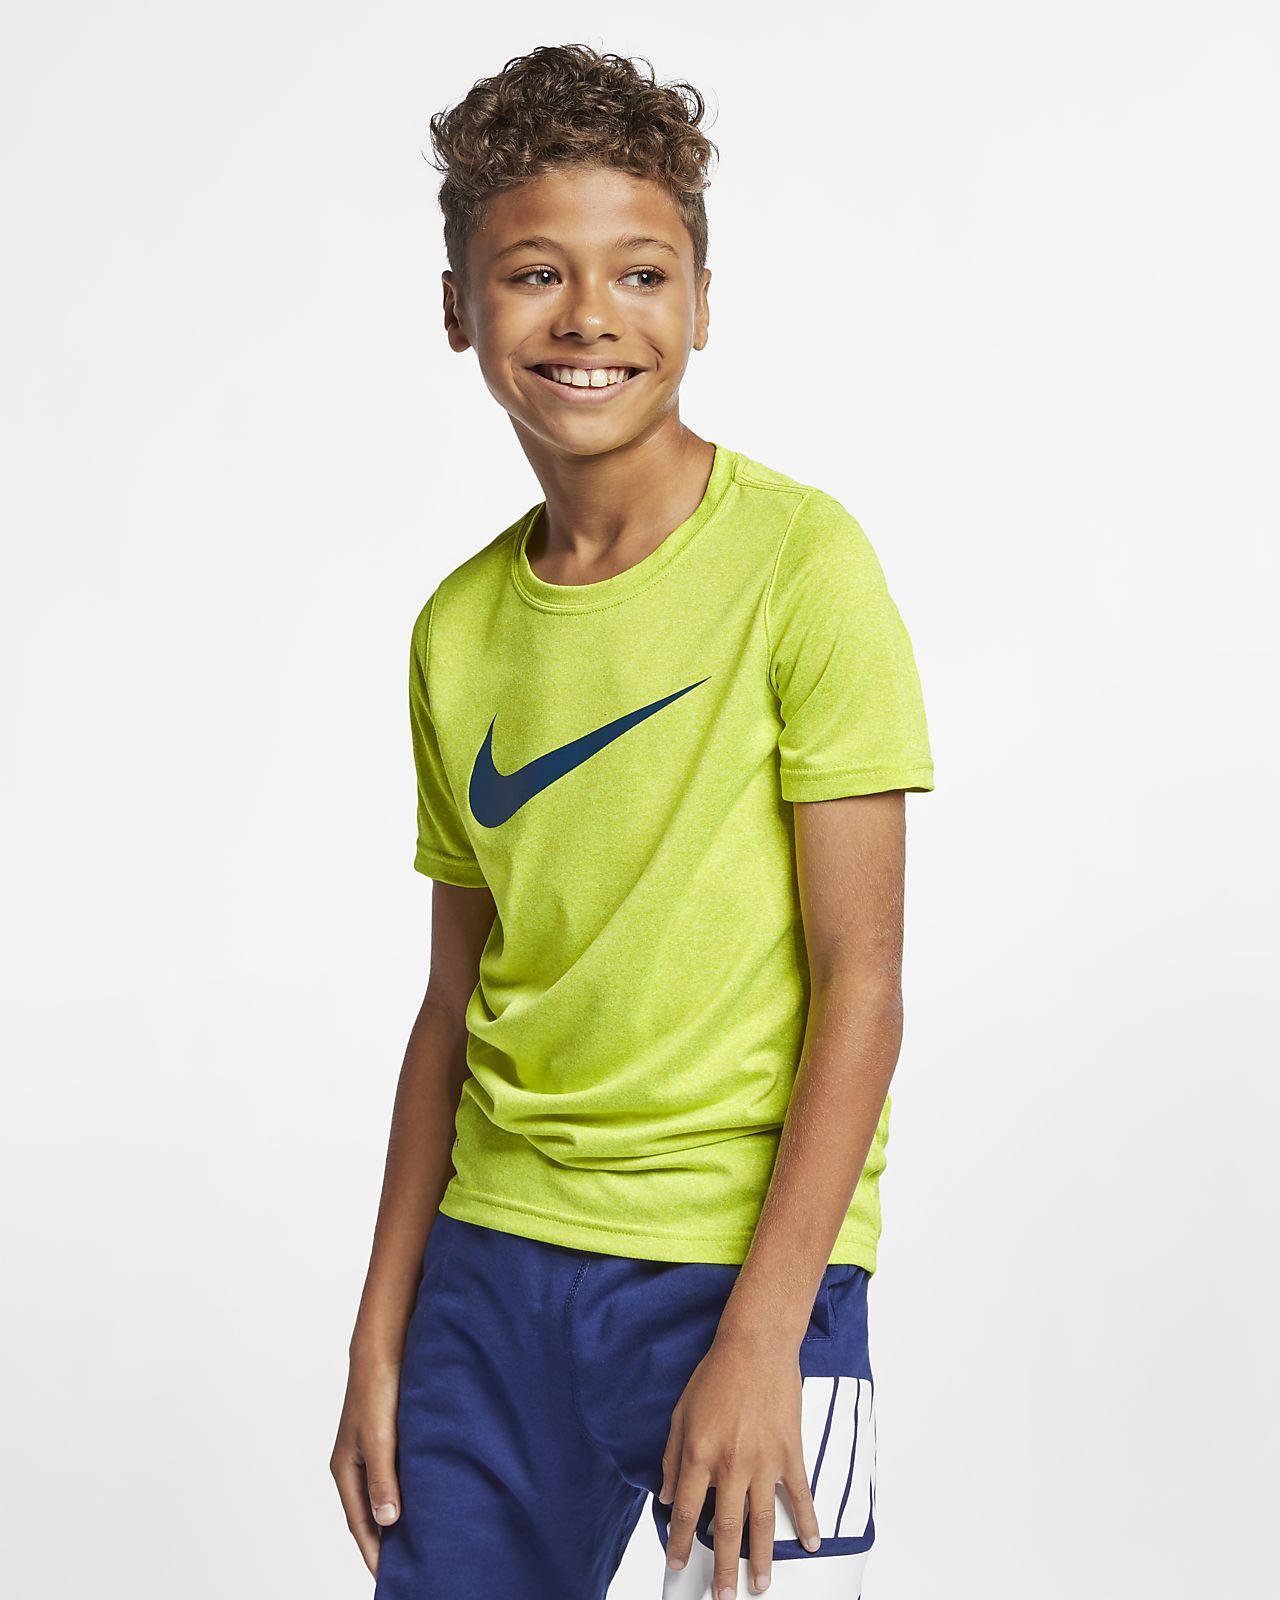 ff199ebef8a Nike Dri-FIT Big Kids  (Boys ) Training T-Shirt. Nike.com